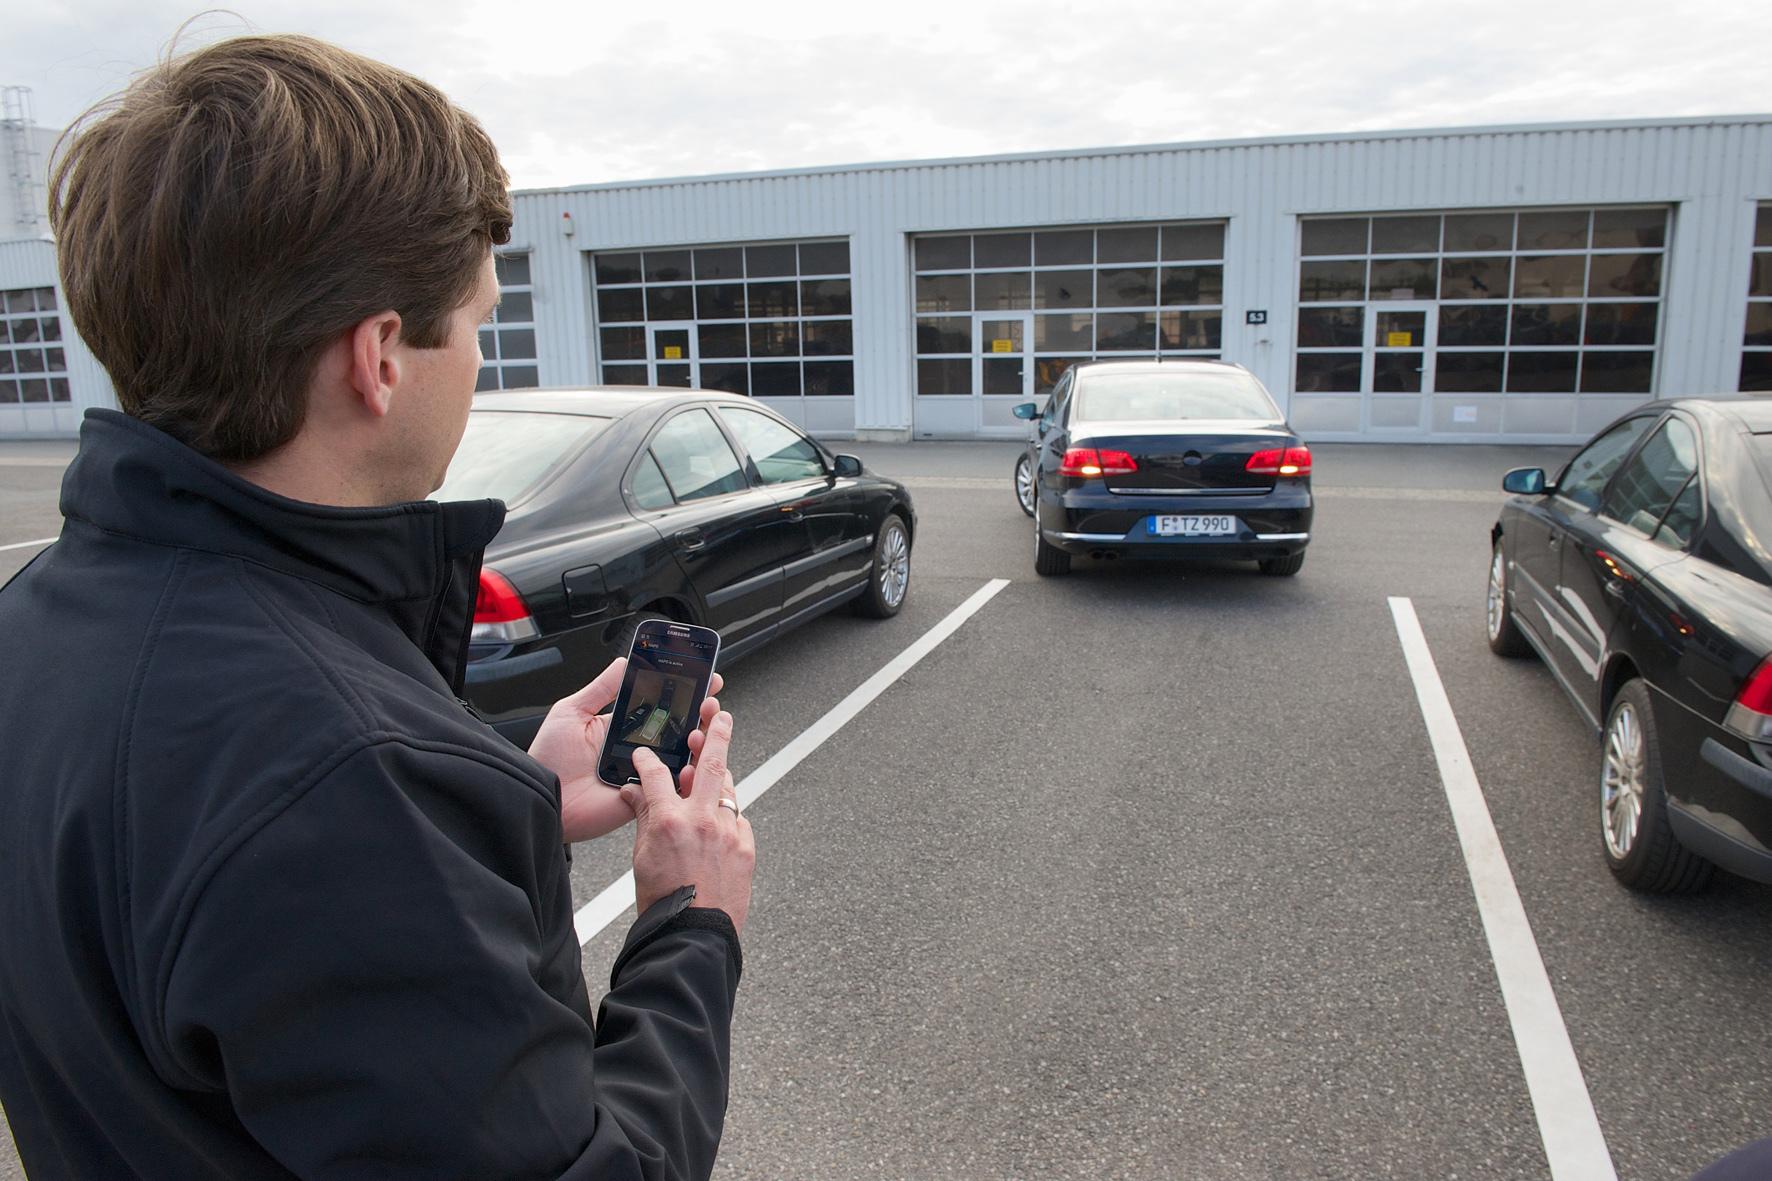 mid Düsseldorf - Mithilfe eines Kamera-gestützten Park-Assistenten fährt ein Versuchsauto von Continental komplett selbstständig auch in schmale Parklücken.